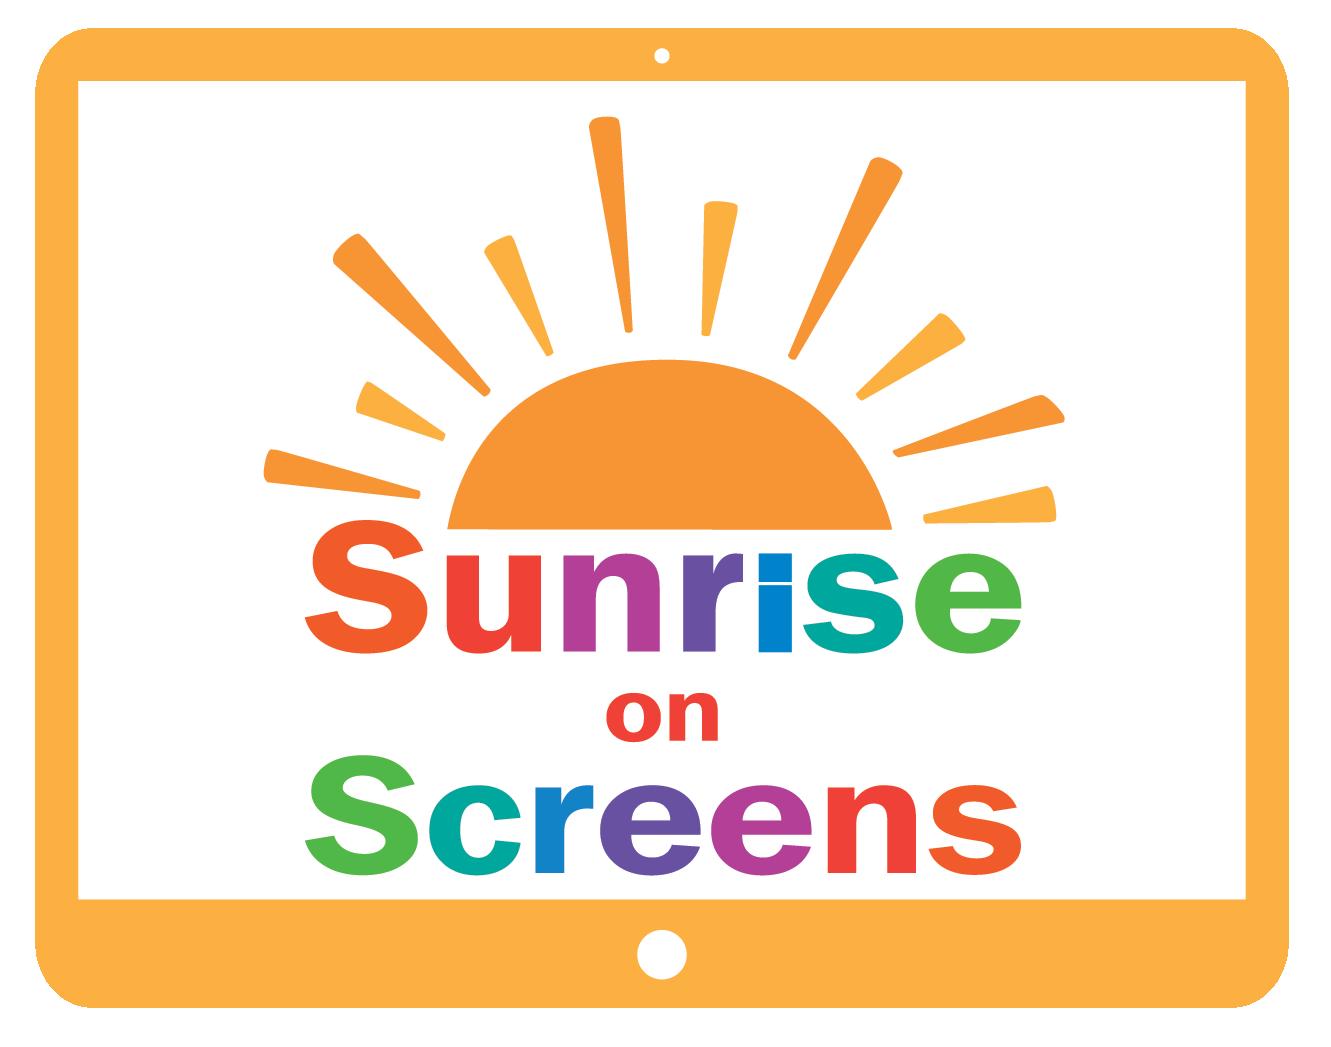 SunriseOnScreens_Logo.png